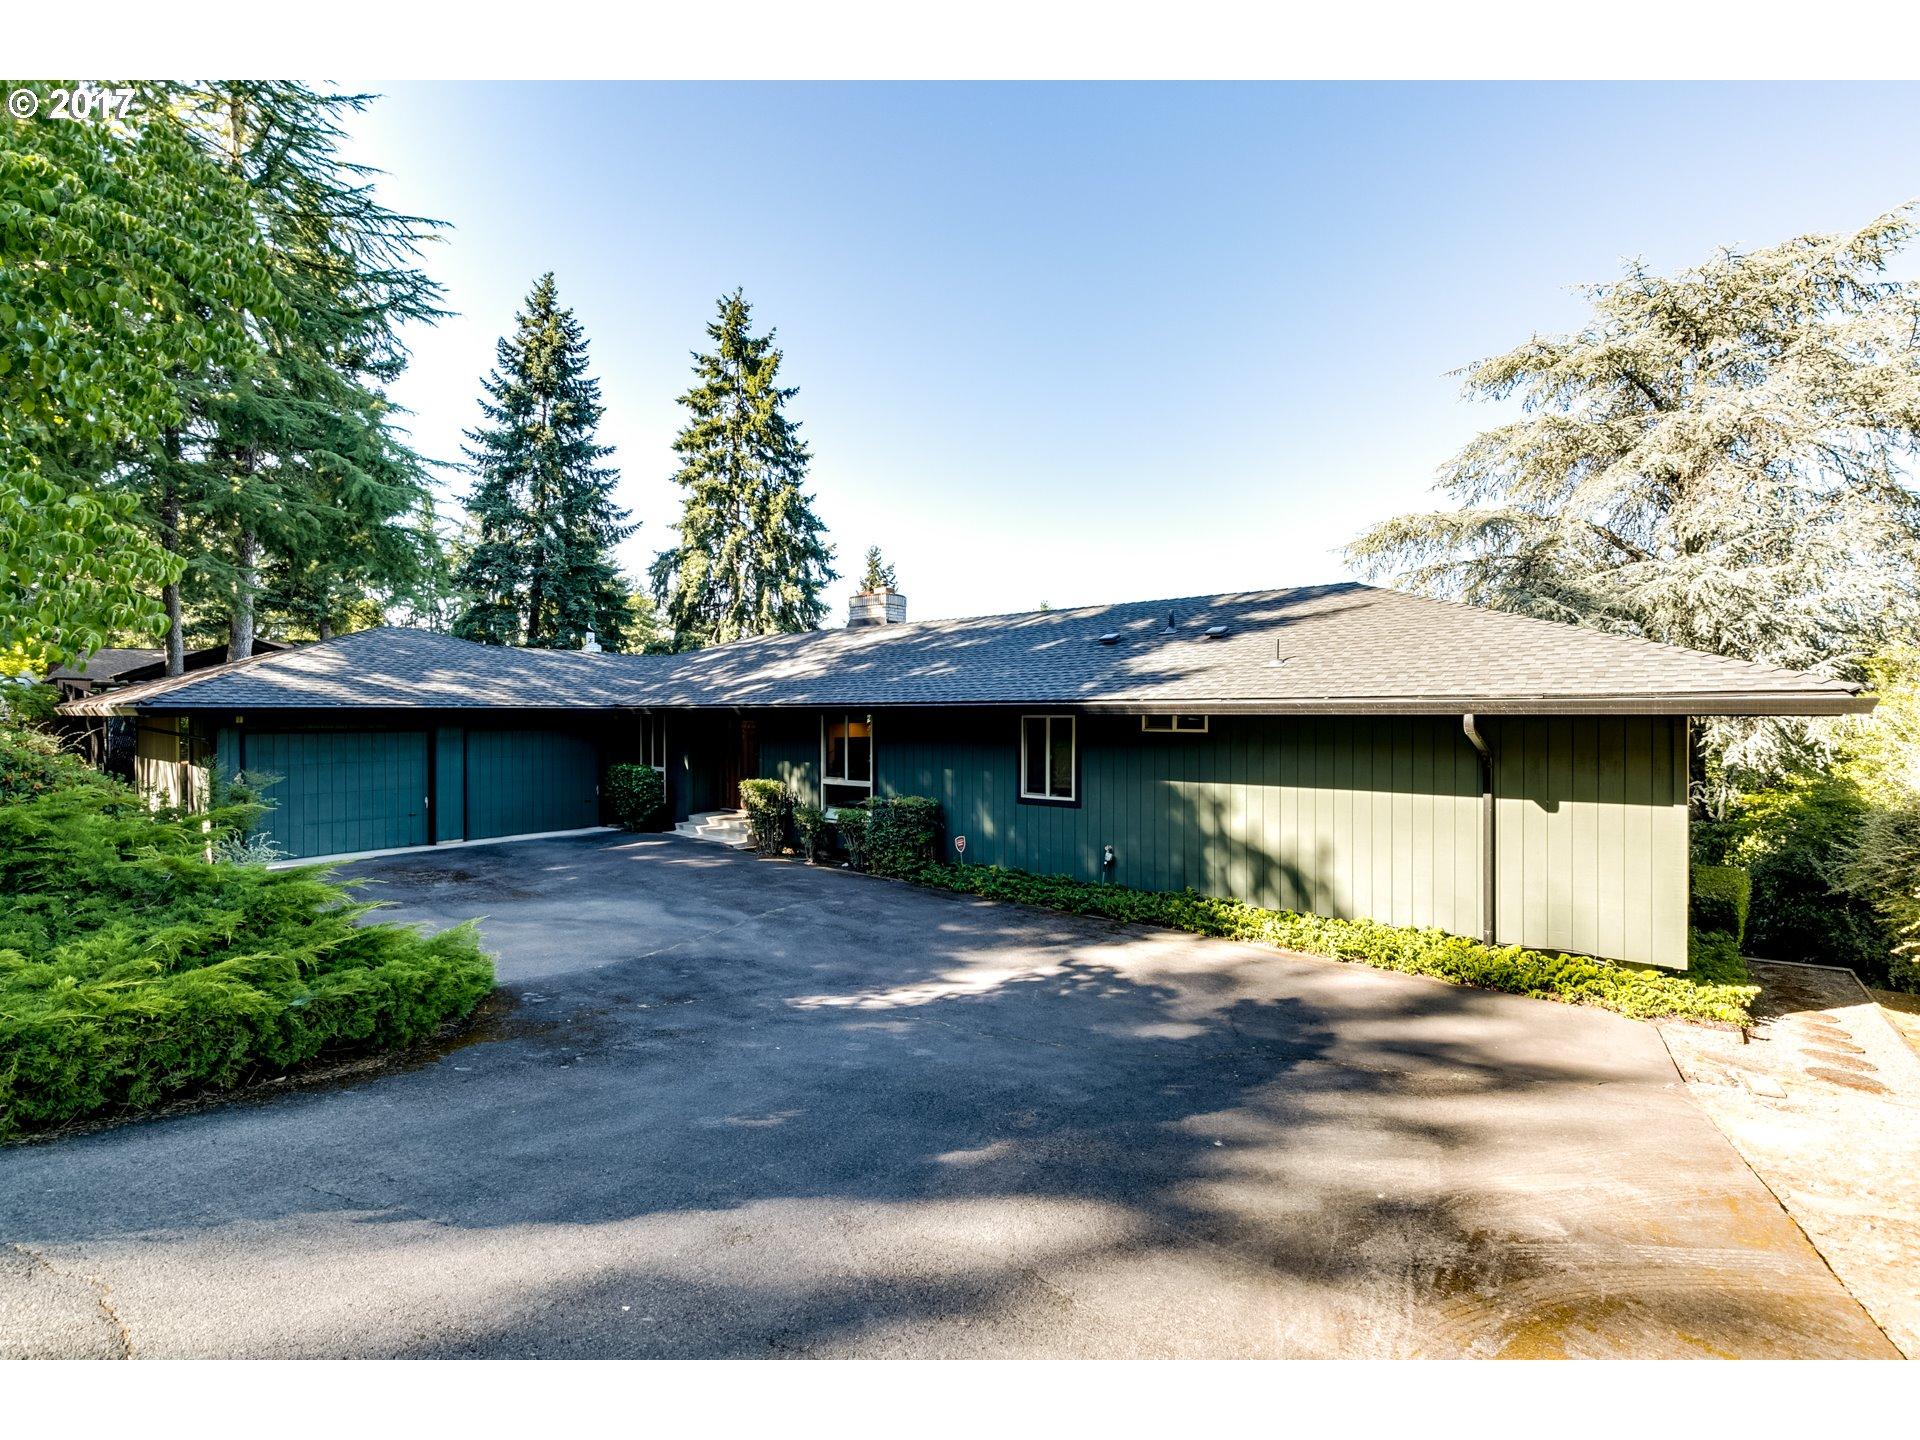 2415 WILSON DR, Eugene, OR 97405